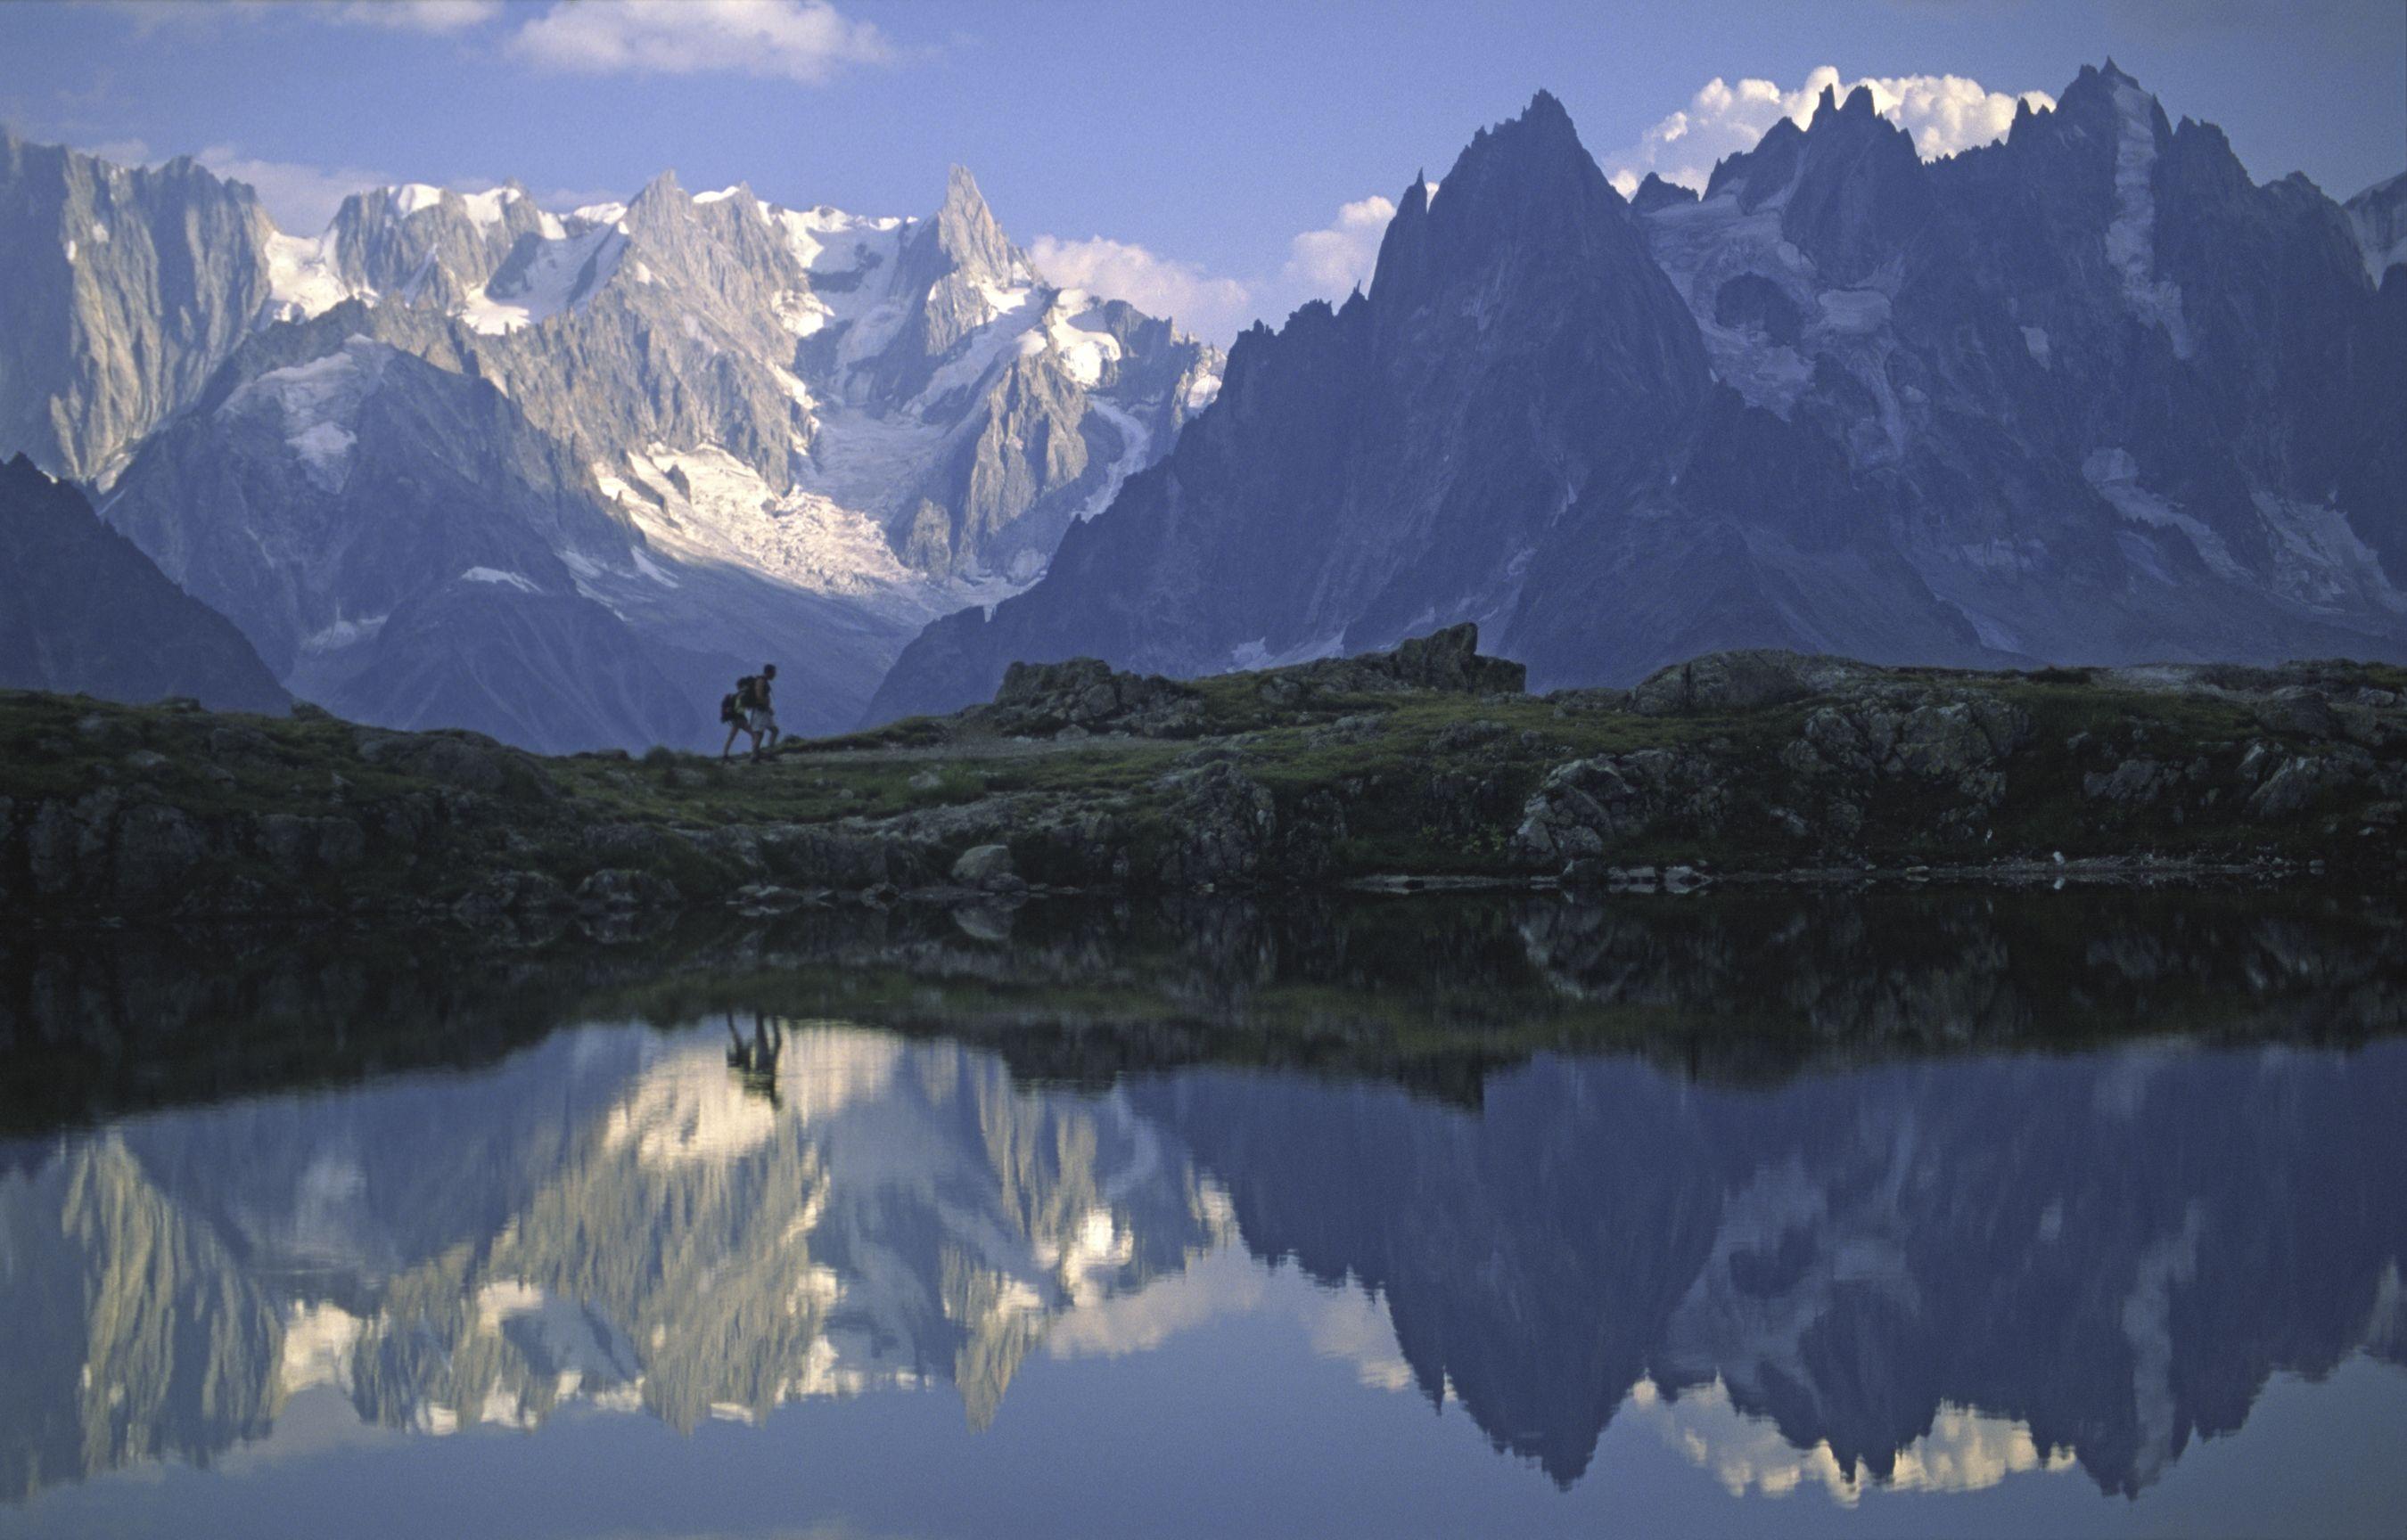 Hike The Tour Du Mont Blanc Hd Landscape Landscape Wallpaper Landscape